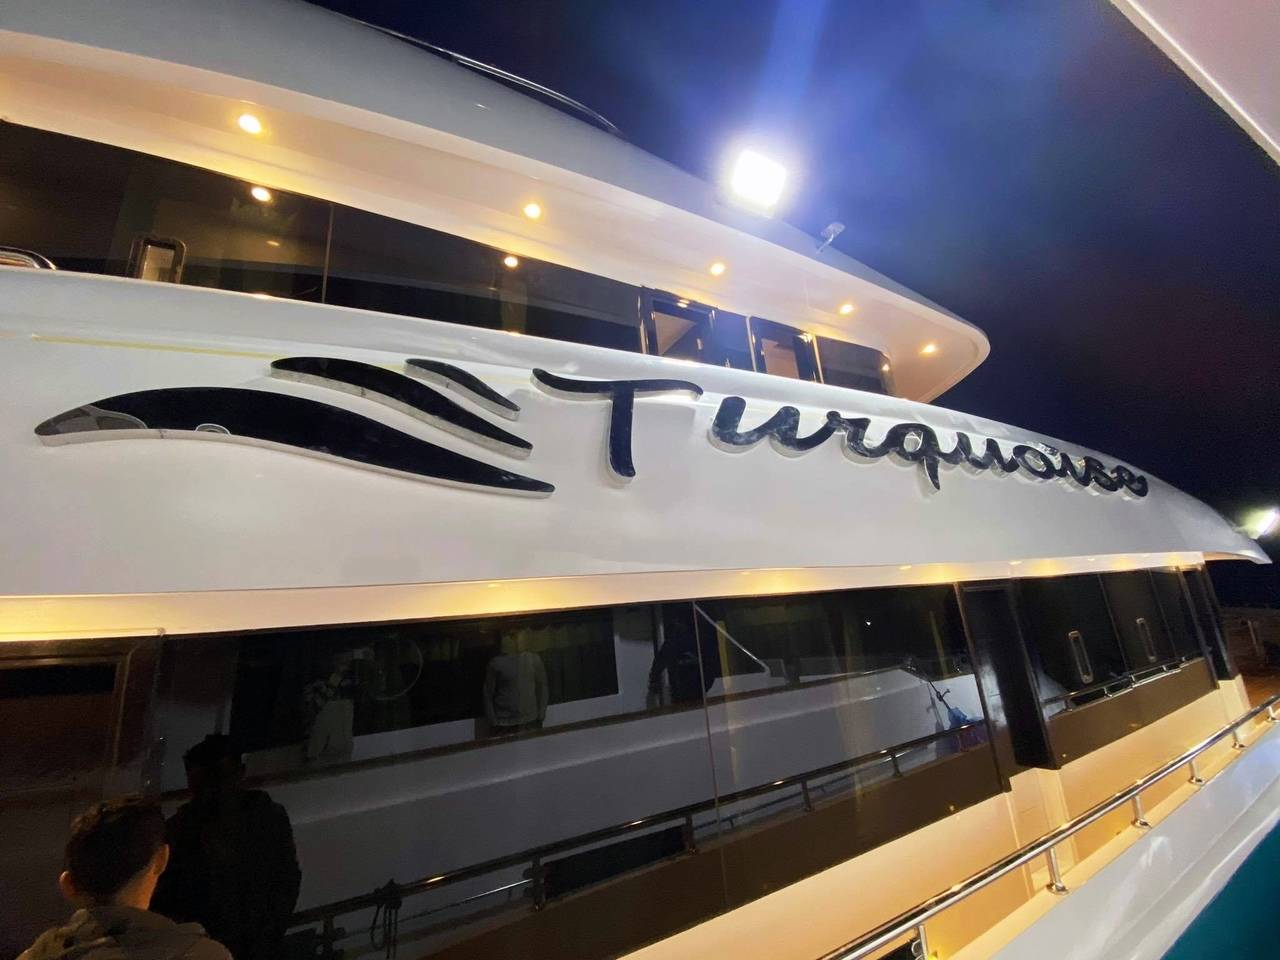 Дизайн логотипа для яхты